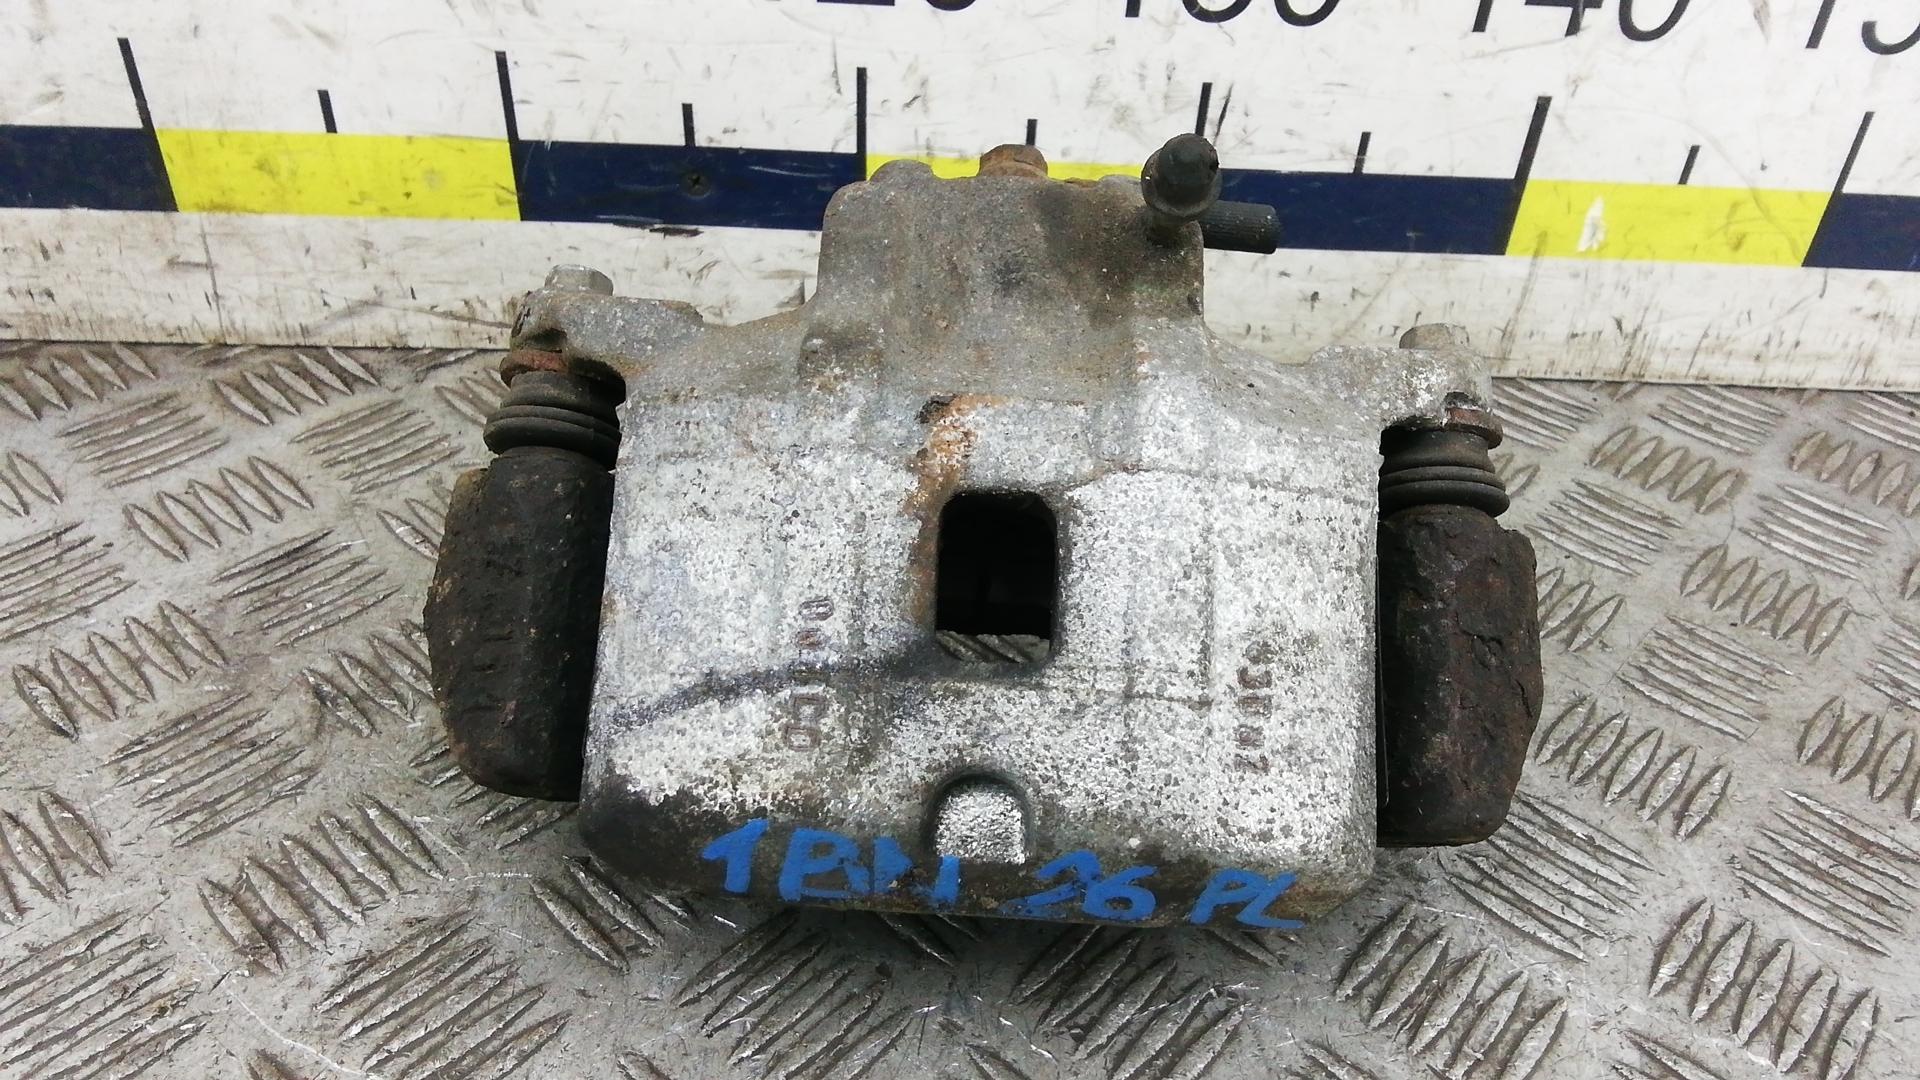 Суппорт тормозной передний левый, MITSUBISHI, LANCER 9, 2005